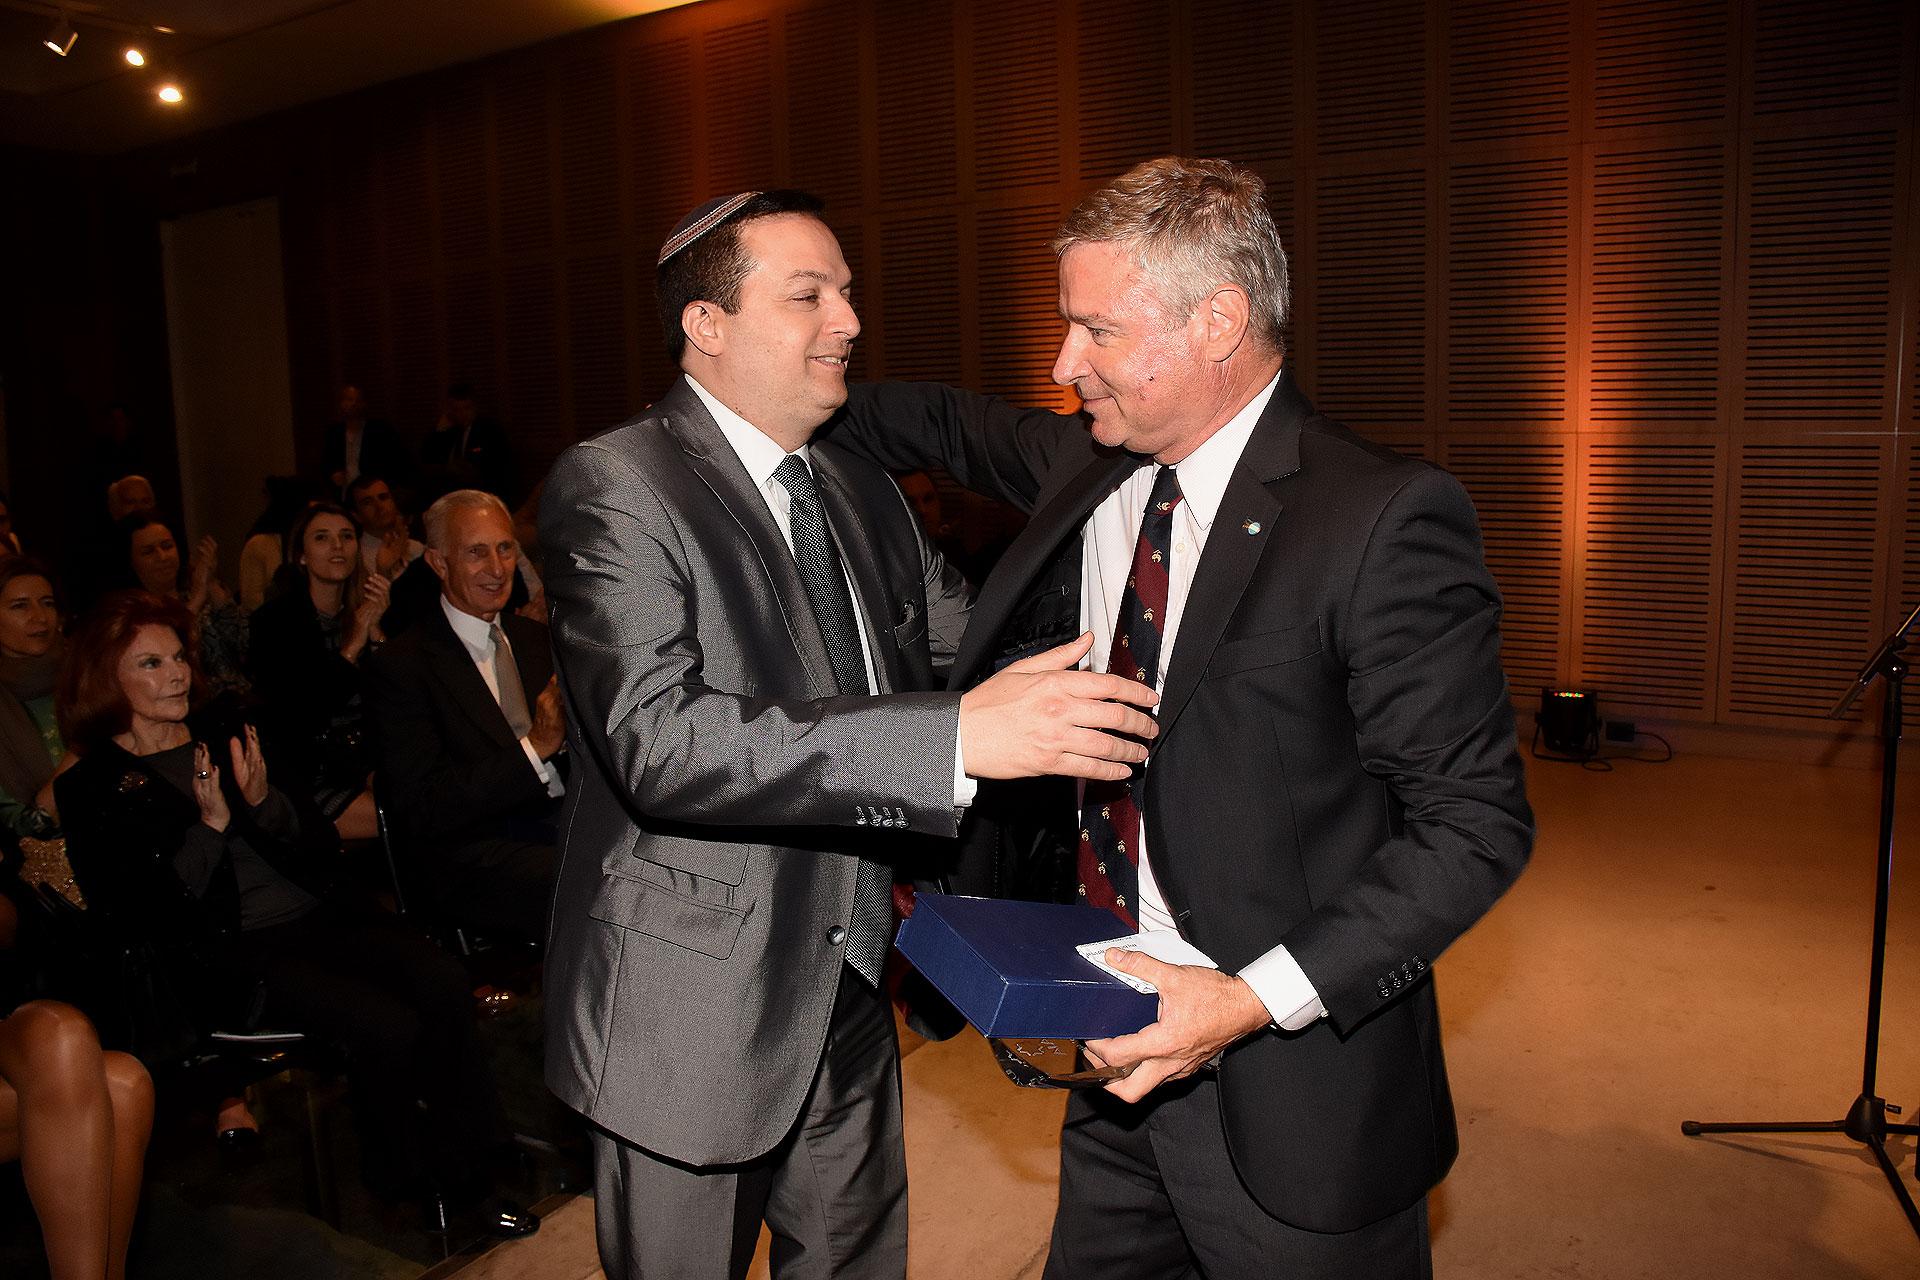 Ariel Cohen Sabban entrega el Premio DAIA al Periodismo y la Comunicación al Diario La Nación, que fue recibido por su presidente, Julio Saguier